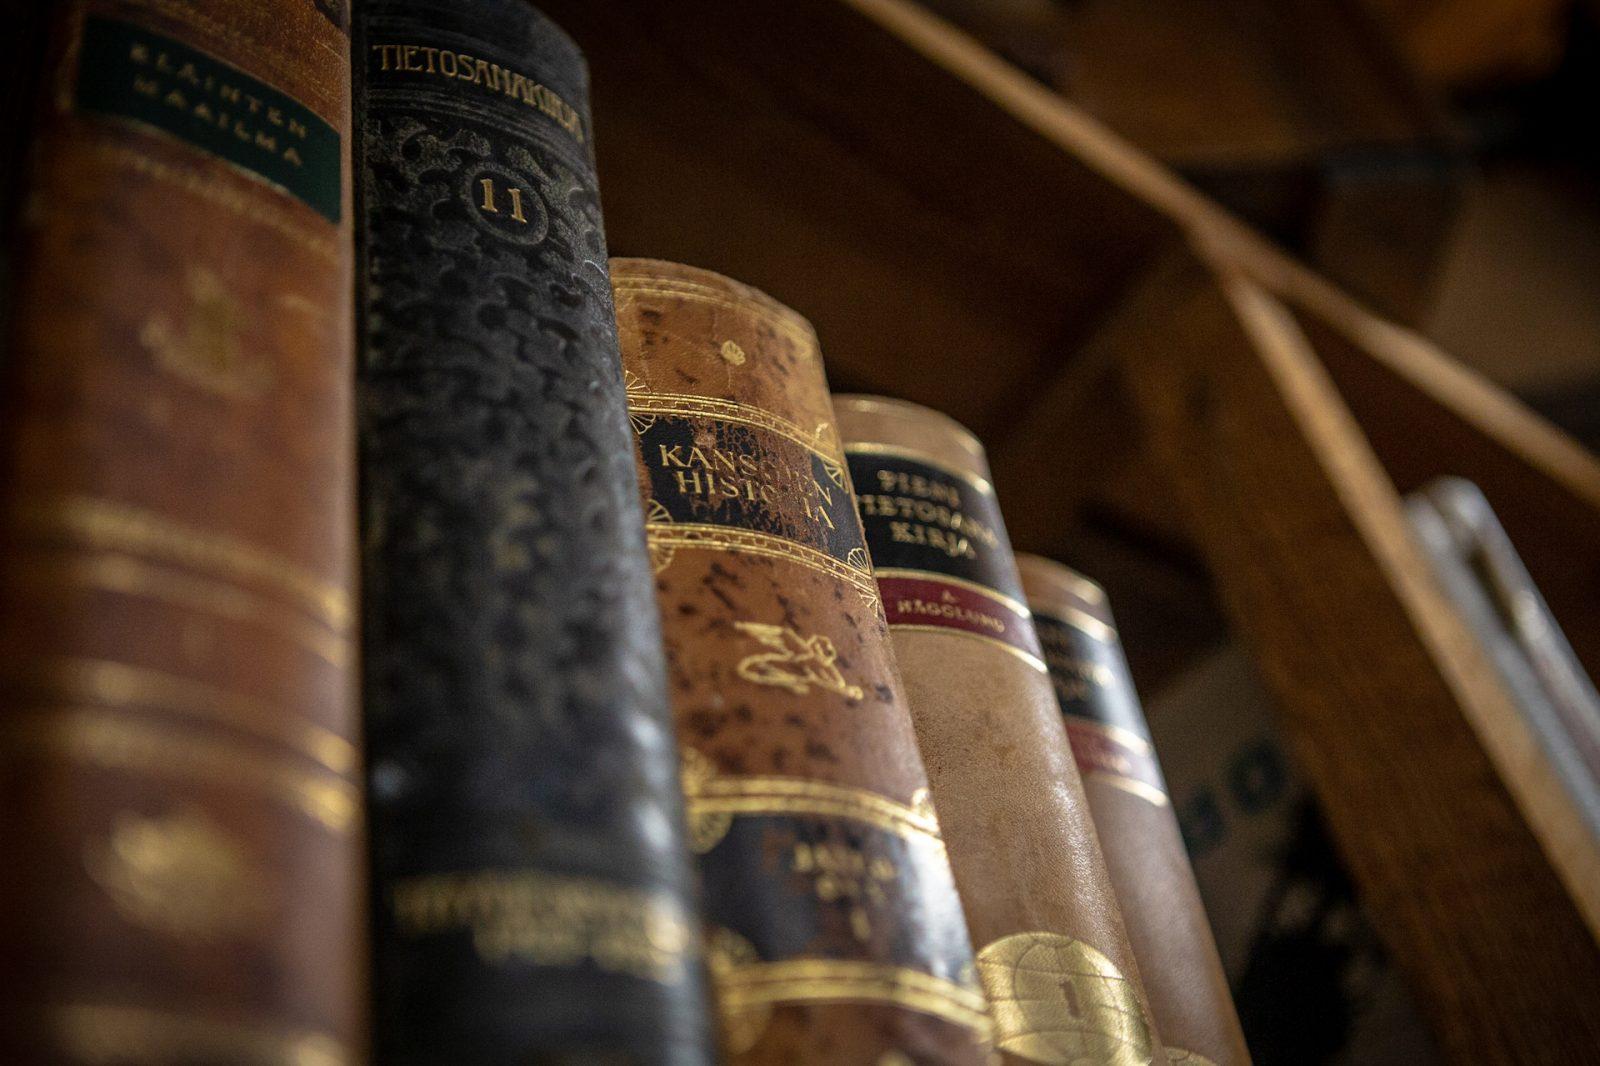 Vanhoja kirjoja